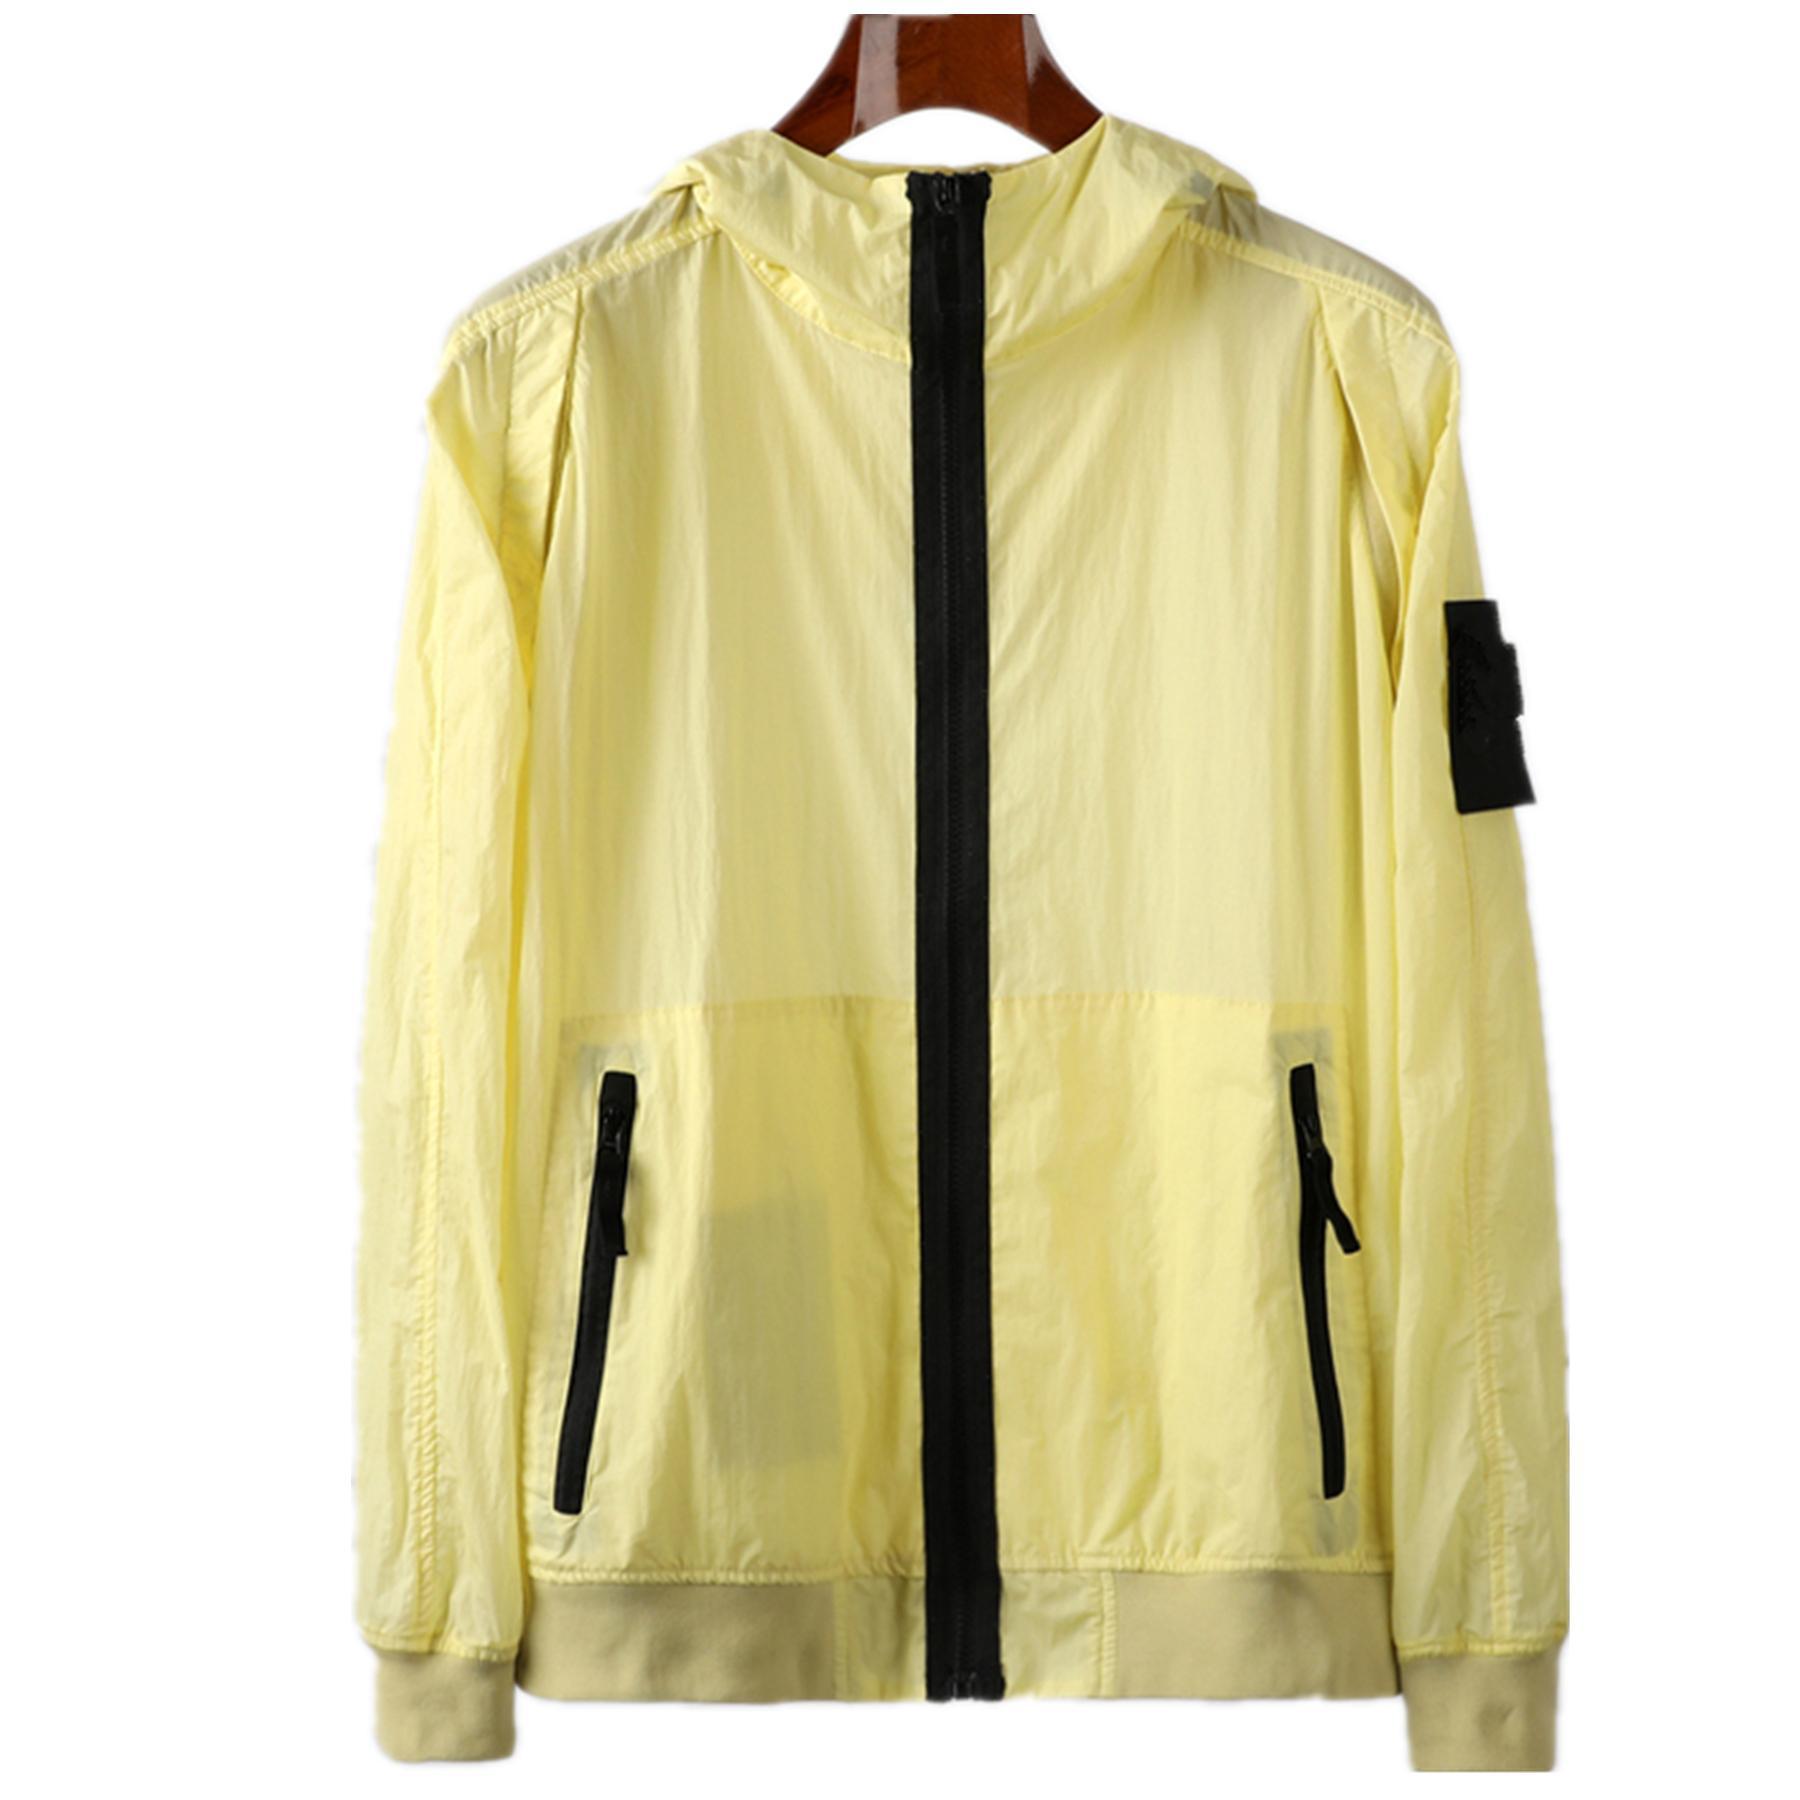 CP topstoney ПИРАТСКОГО COMPANY 2020 konng gonng новой весны и лето тонкой куртки мода бренд пальто на открытом воздух на солнце доказательство ветровки